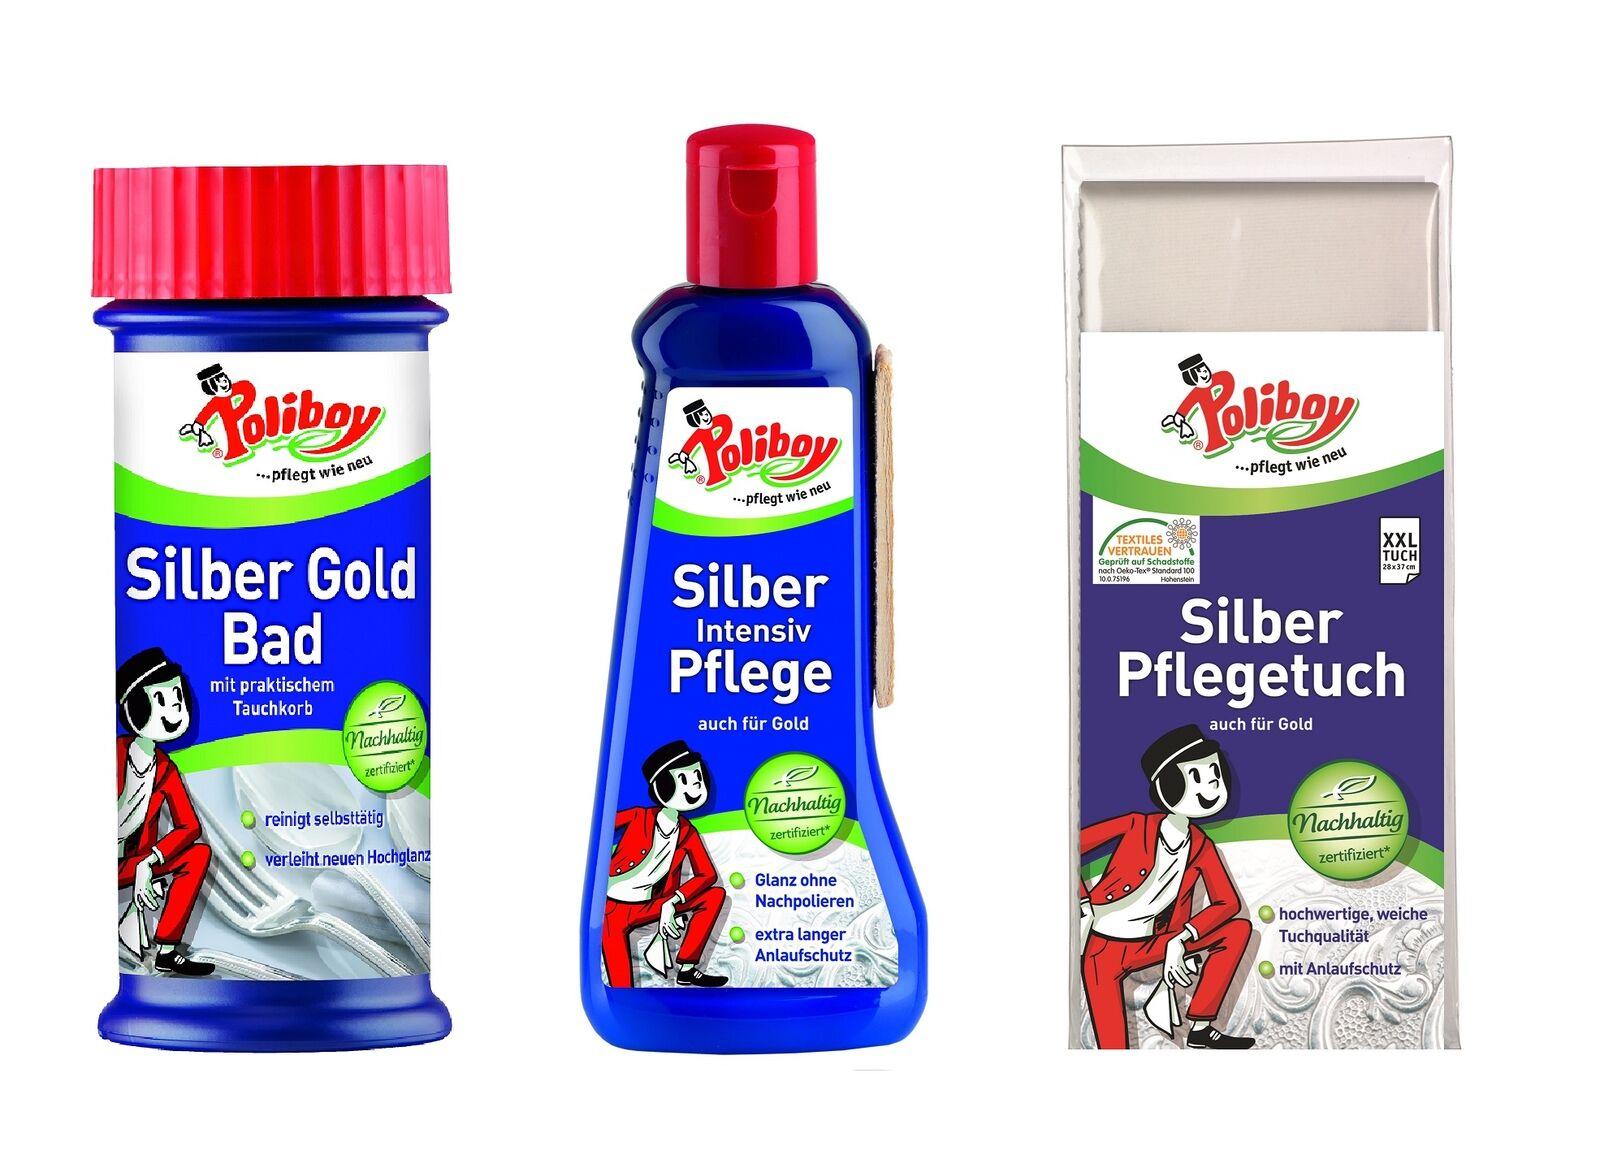 Poliboy - Intensiv Silberpflege Gold Tauchbad Silberputztuch  - Schmuckreiniger